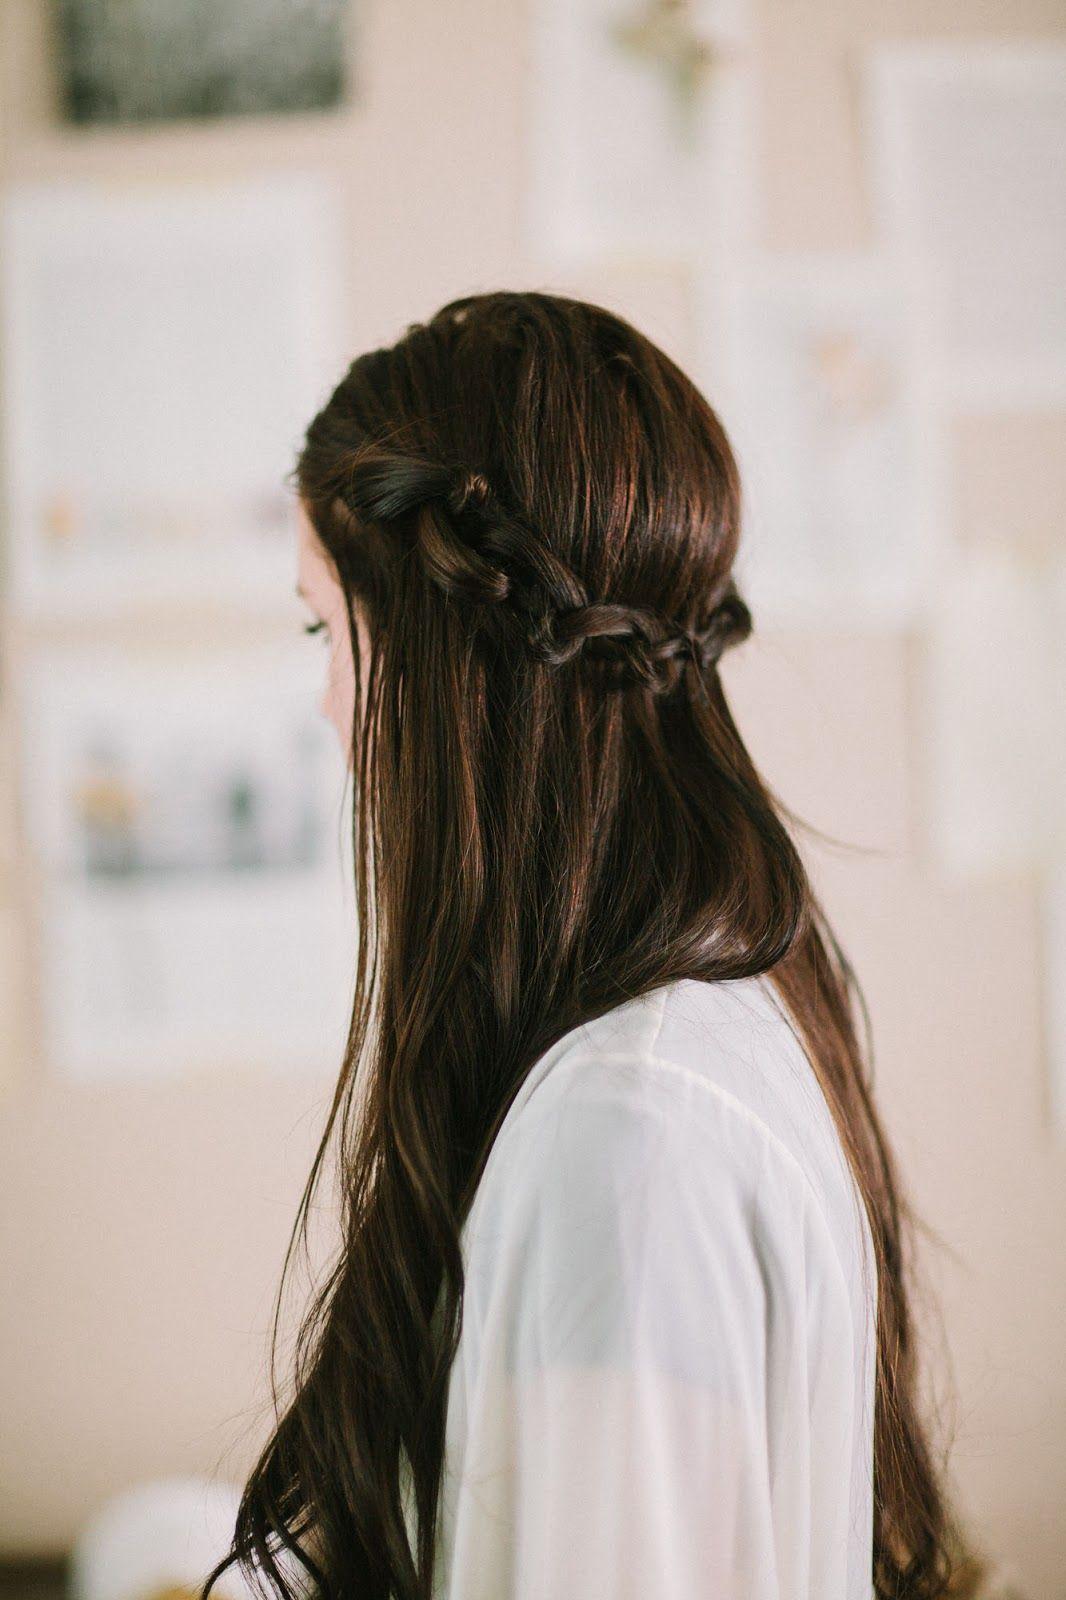 編み込みなしでも大丈夫 編み込み風ハーフアップアレンジ解説 ゴム4つ ヘアアク Messy Hairstyles Hair Arrange Hair Knot